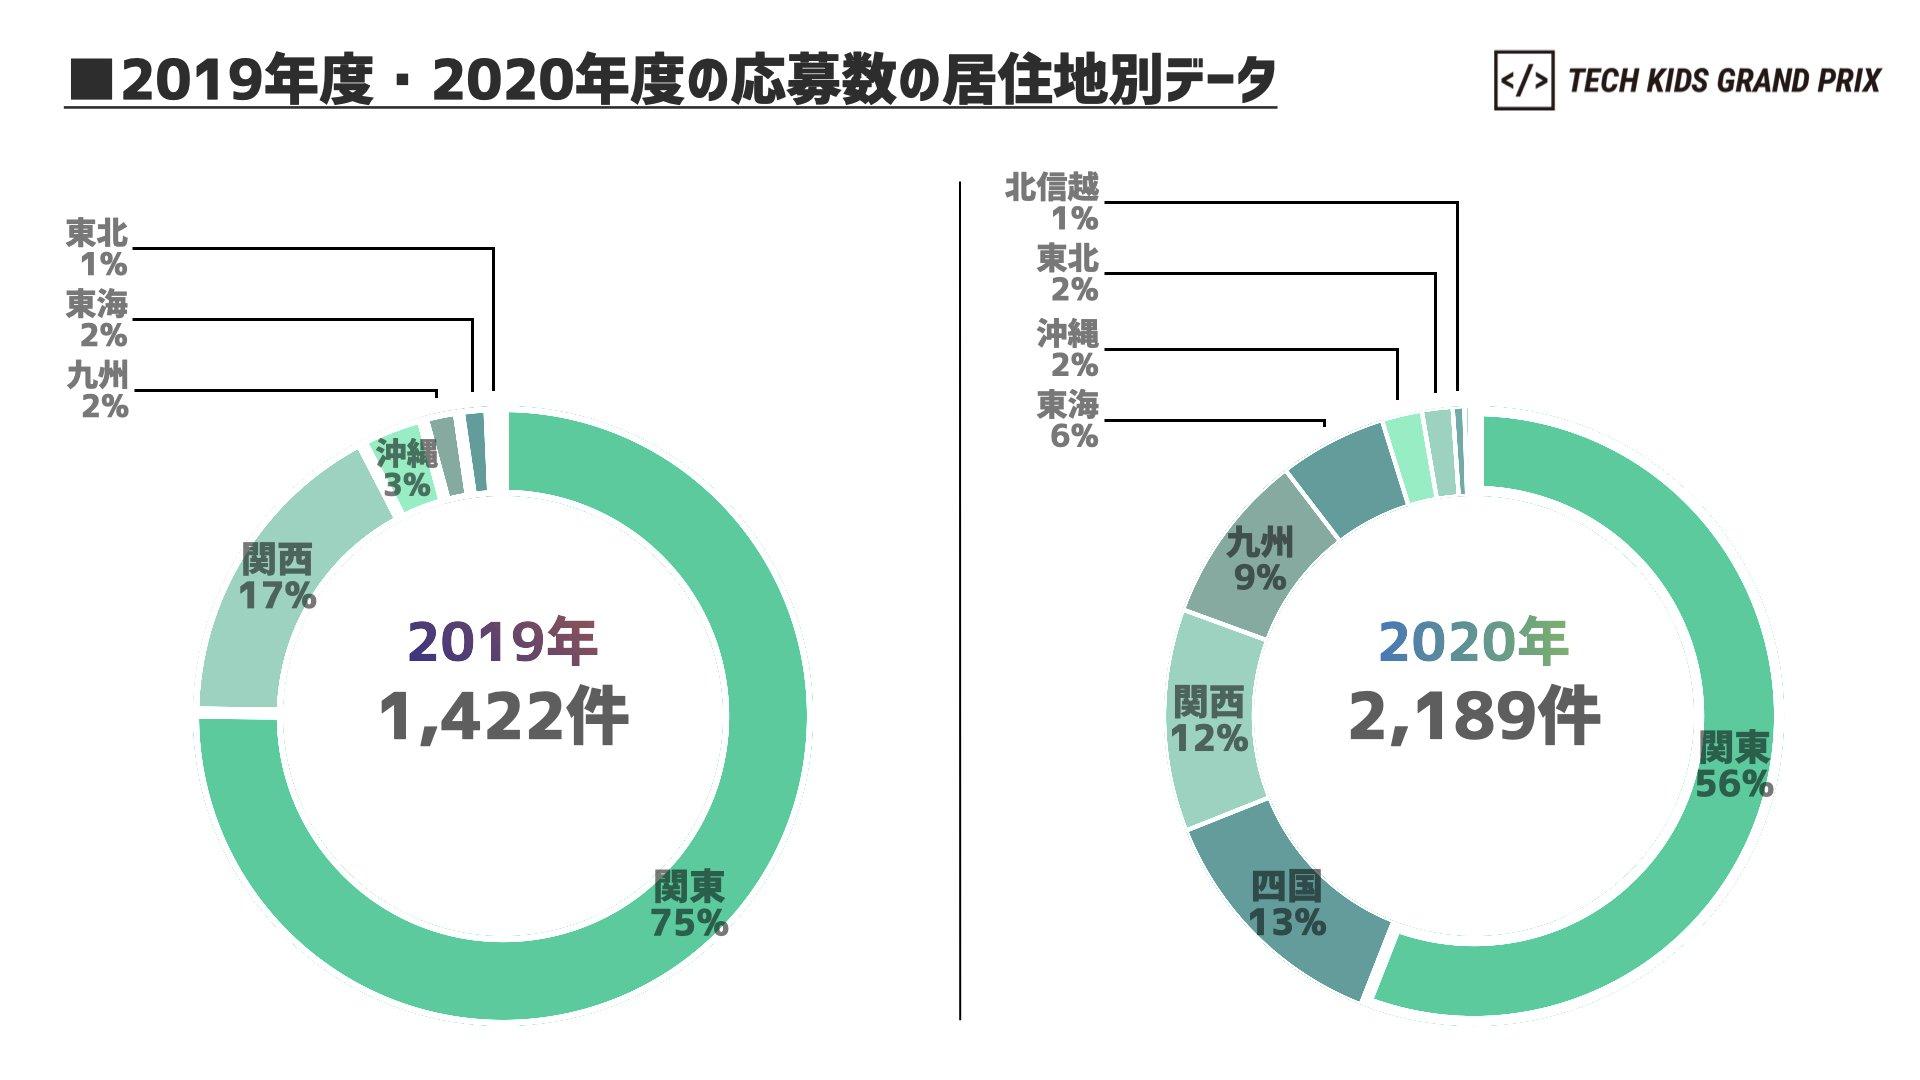 2019年度・2020年度の応募数の居住地別データ